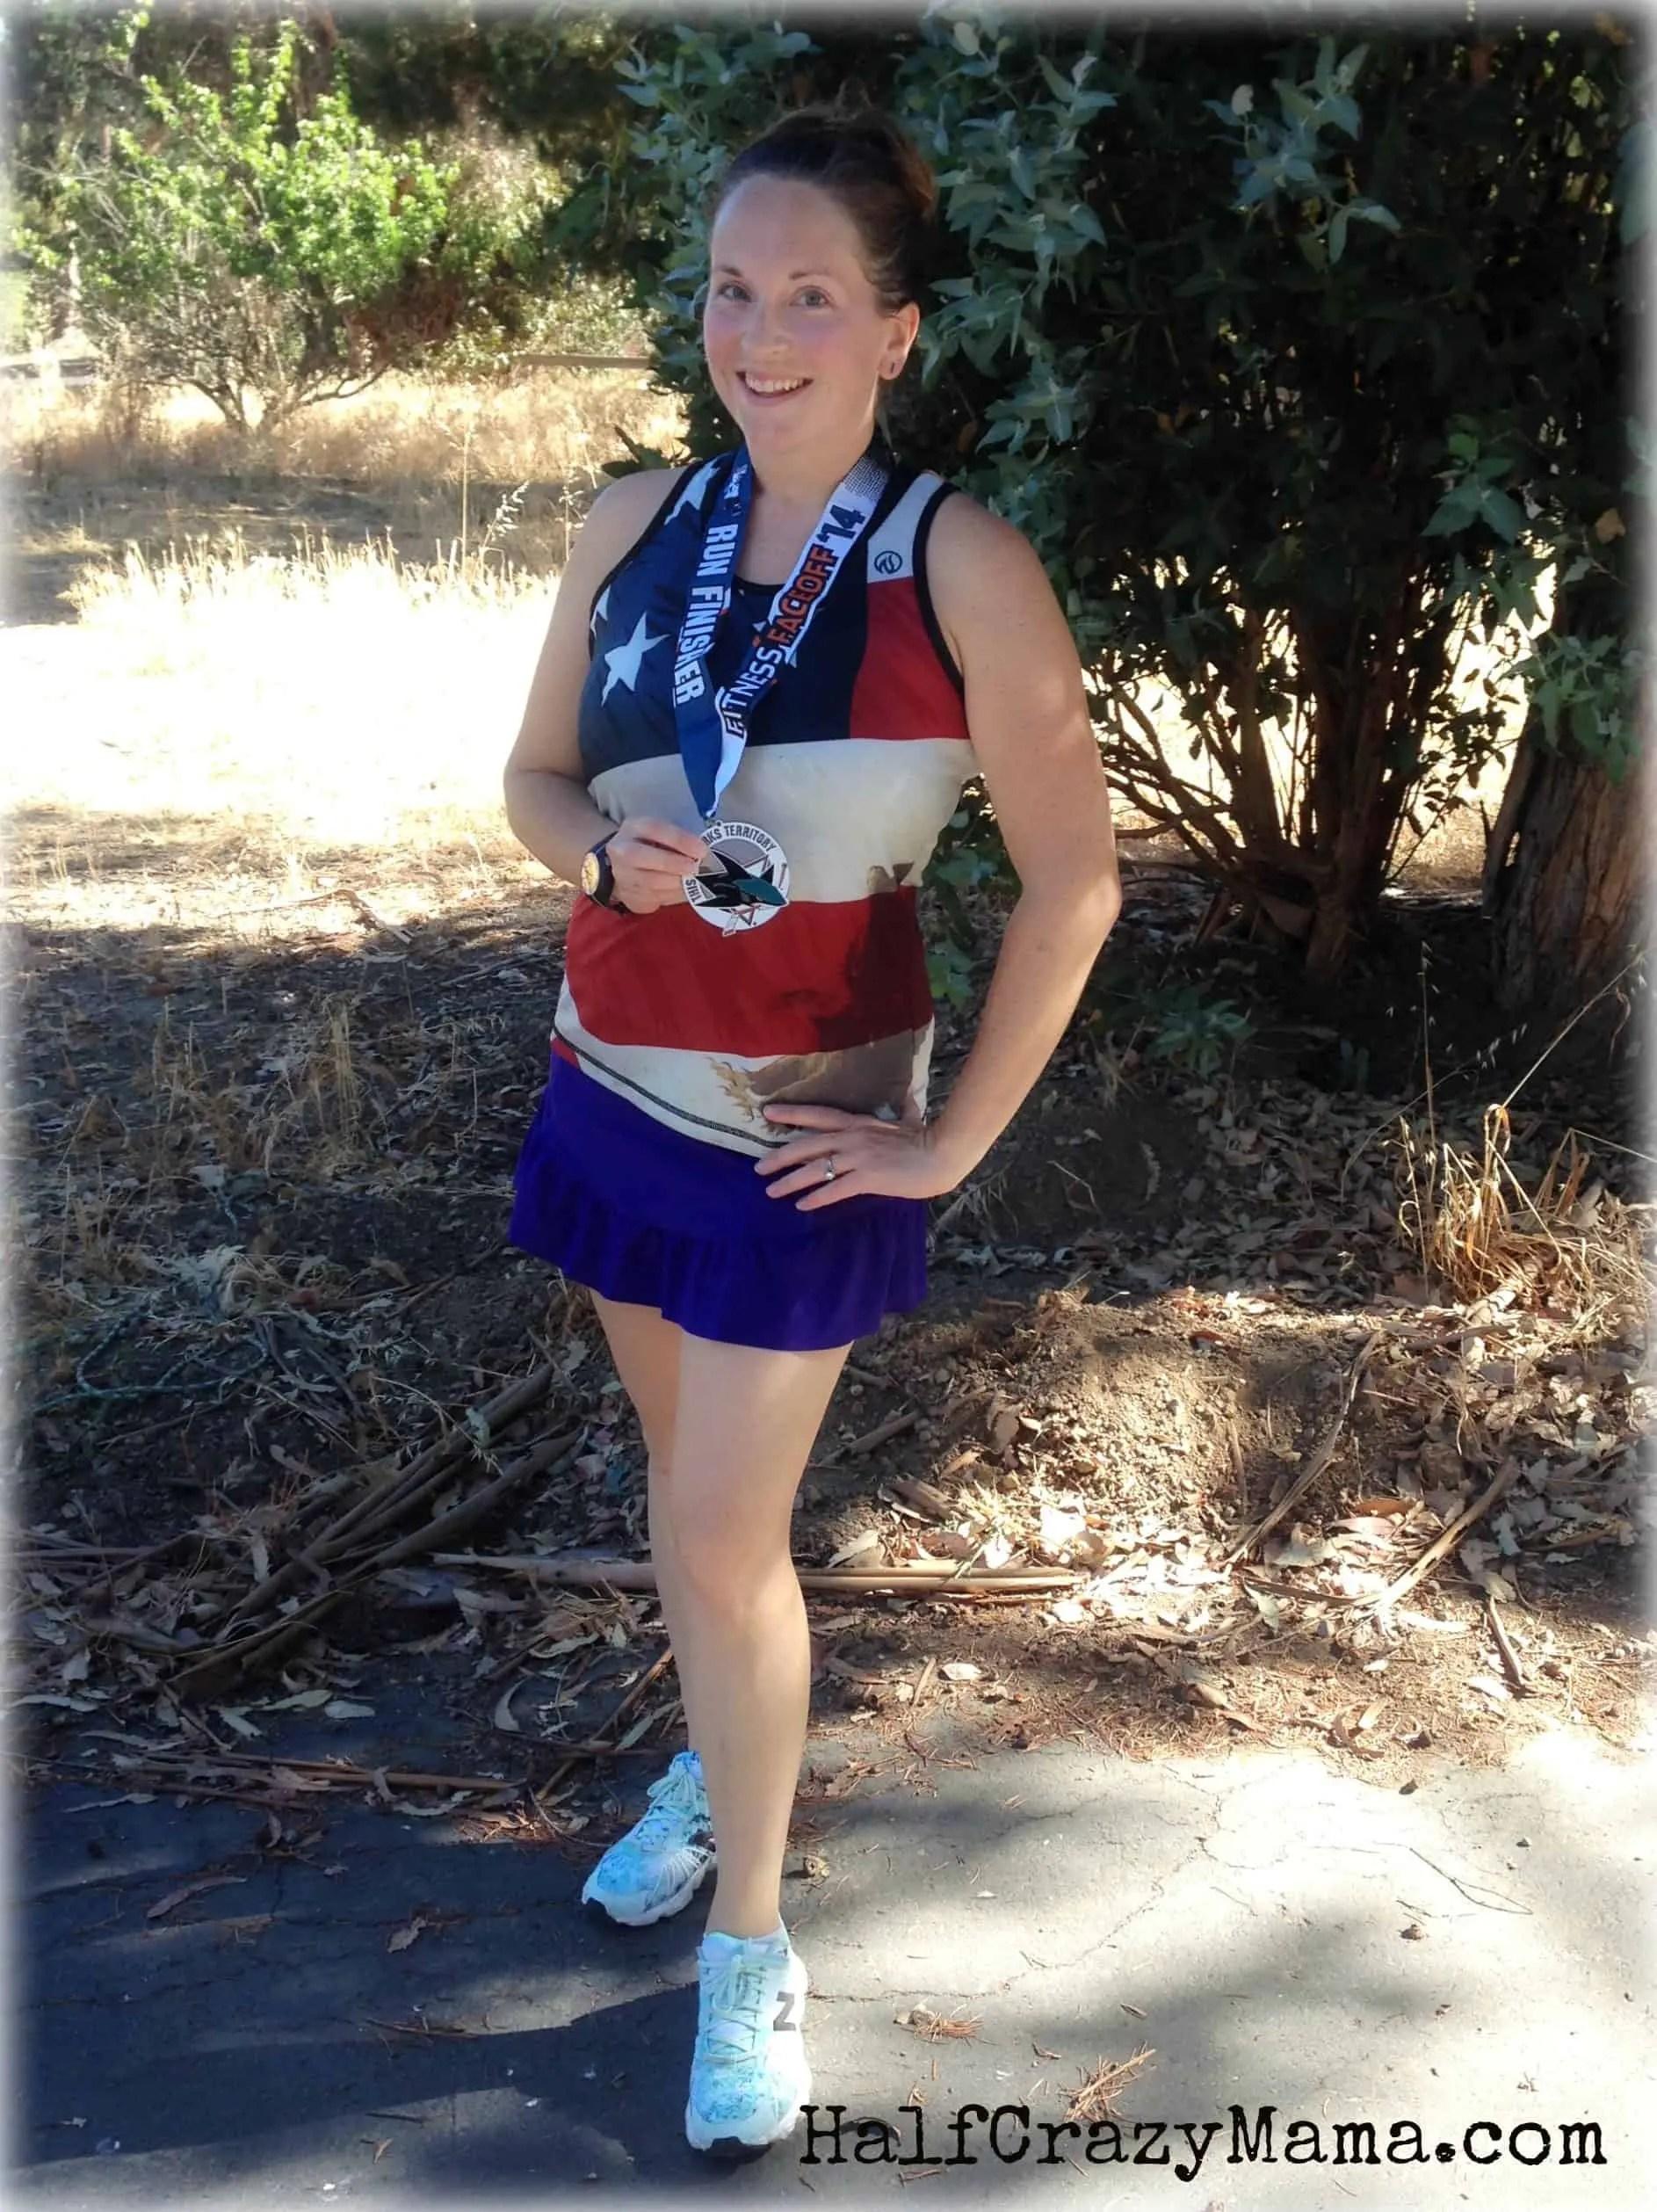 Sharks medal